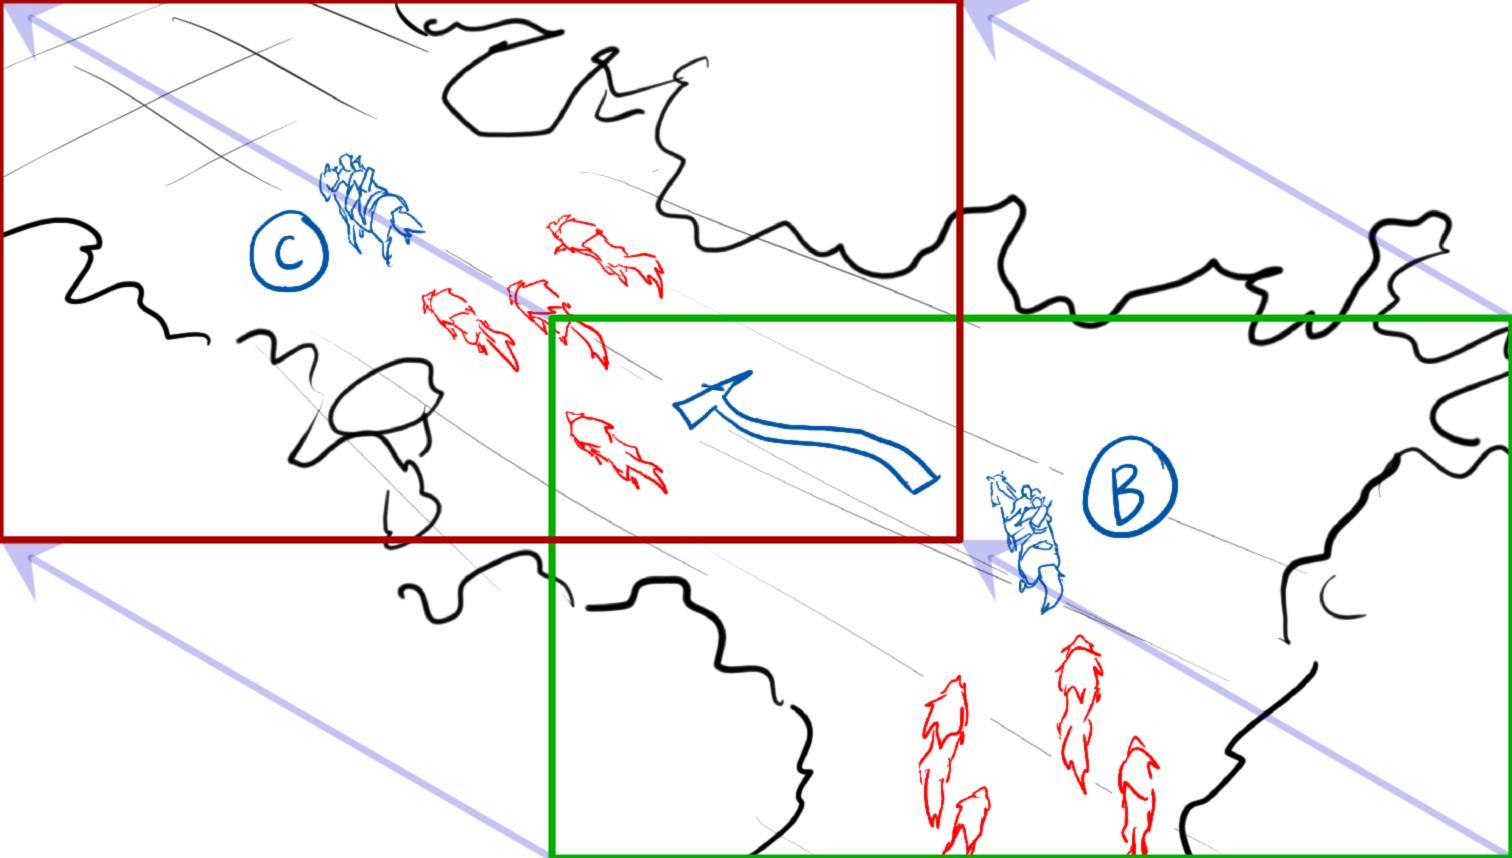 AV_25_FALL_OF_ASGARD_PART_B_17_02.jpg